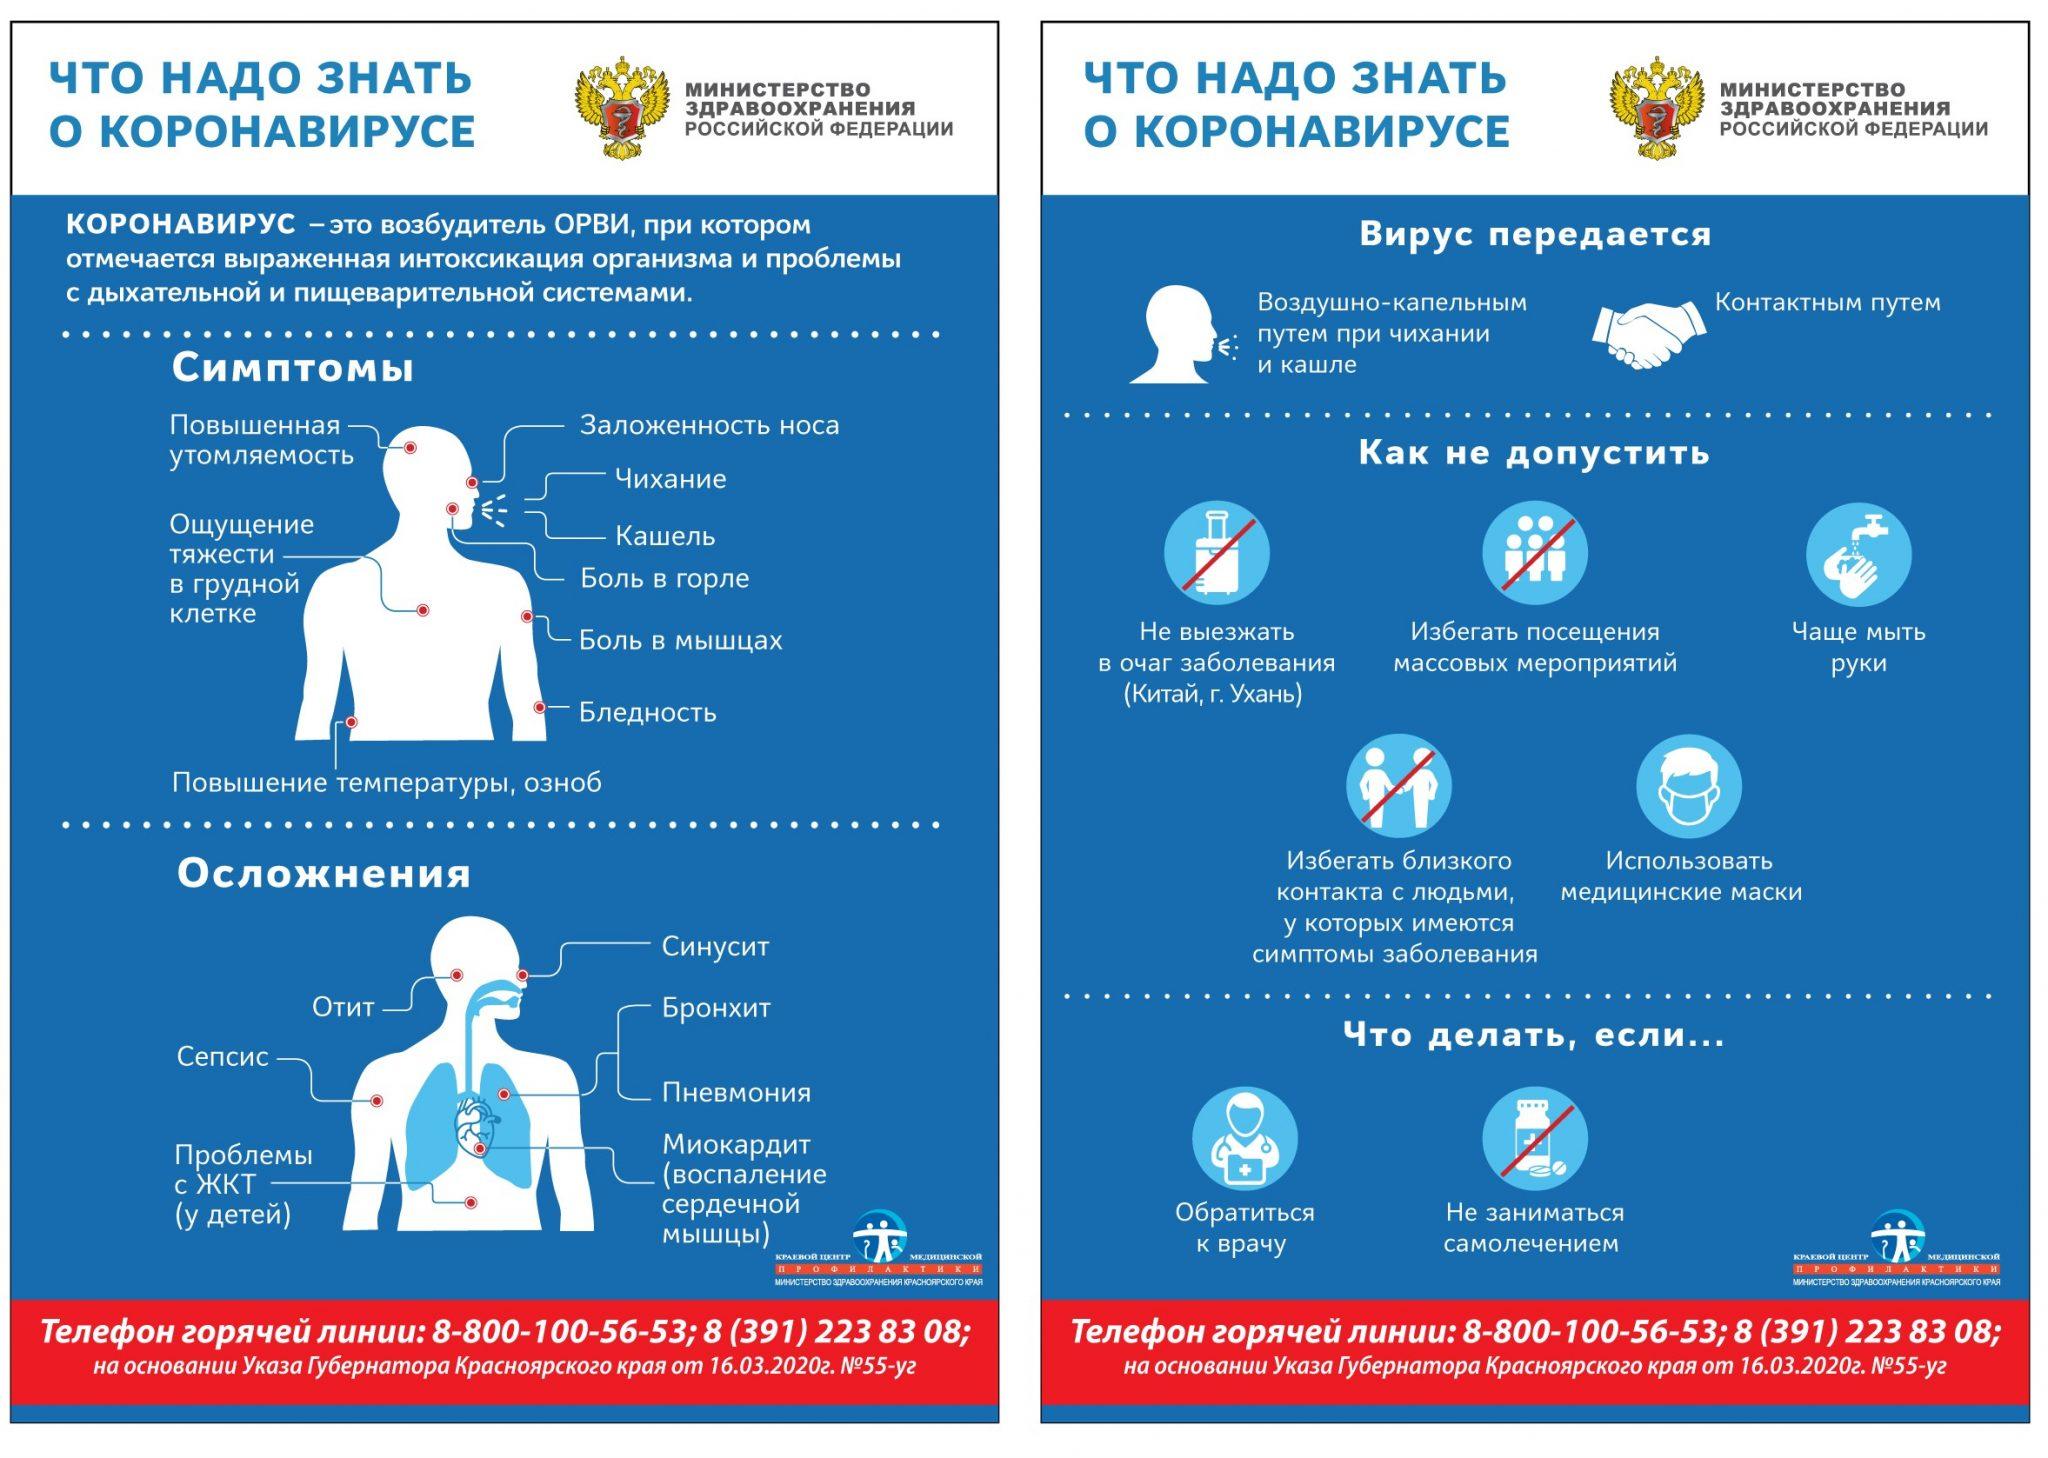 10 препаратов для борьбы с коронавирусом